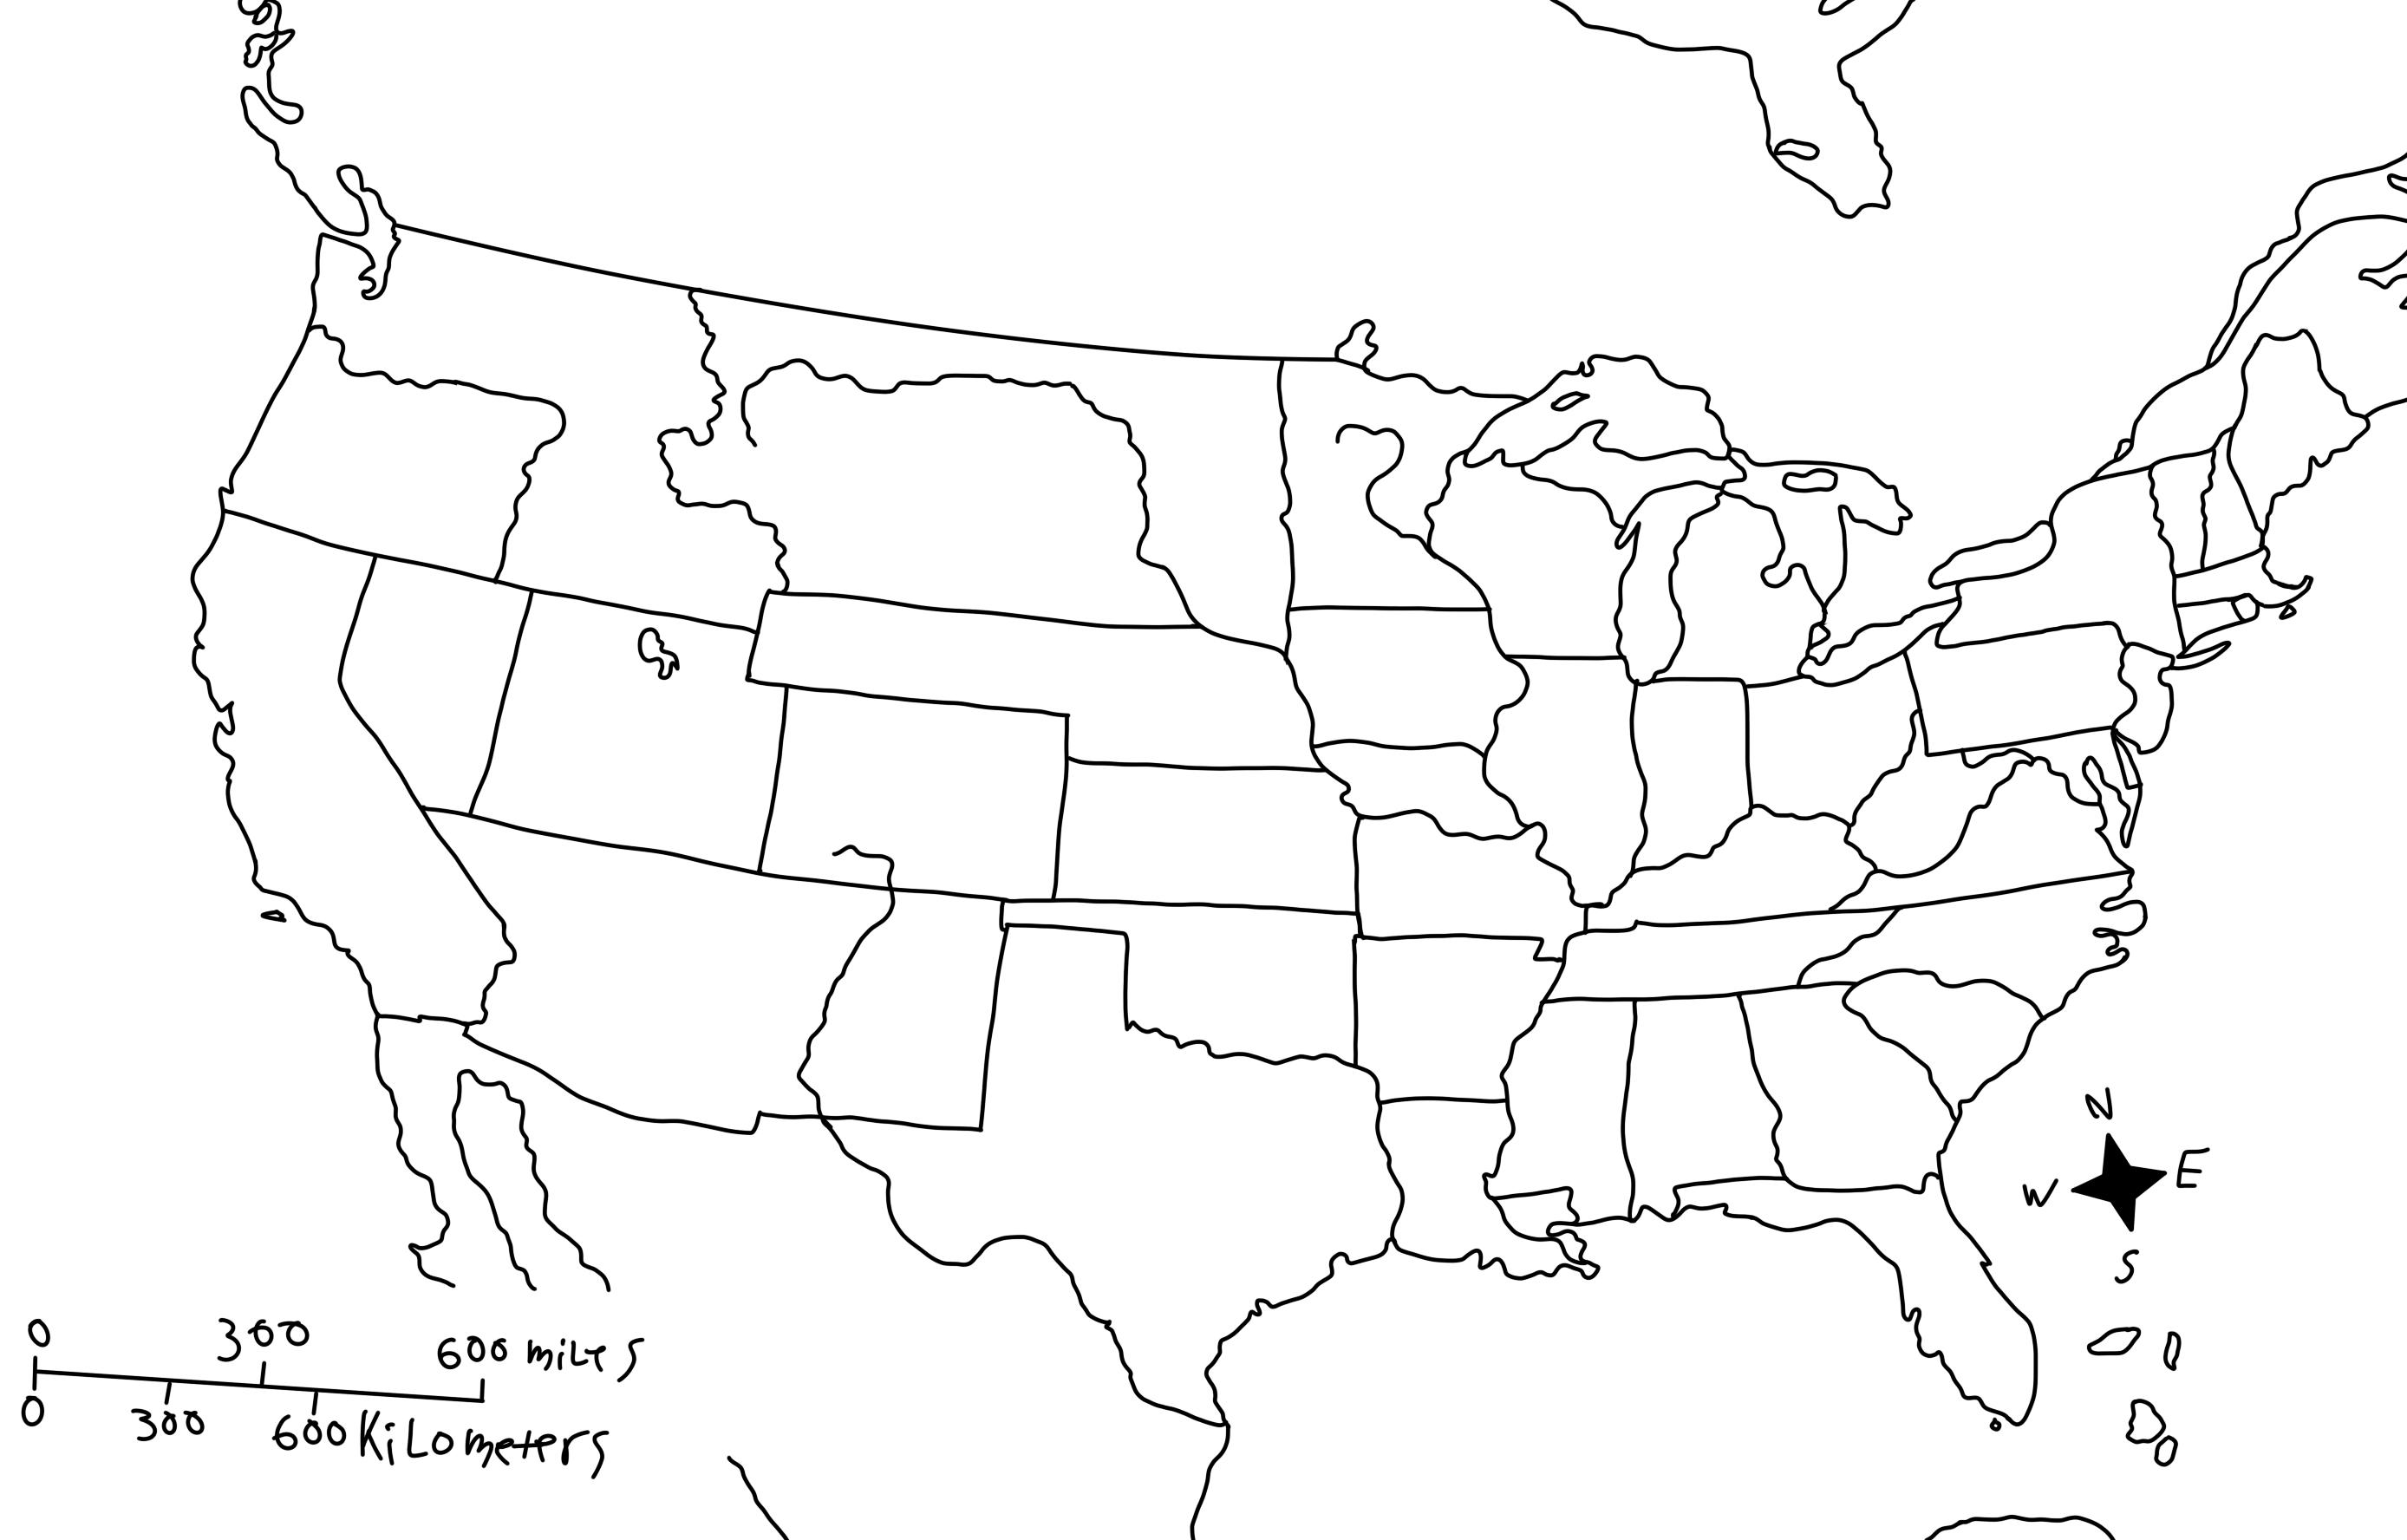 North America 1861- blank by ericremotesteam on DeviantArt